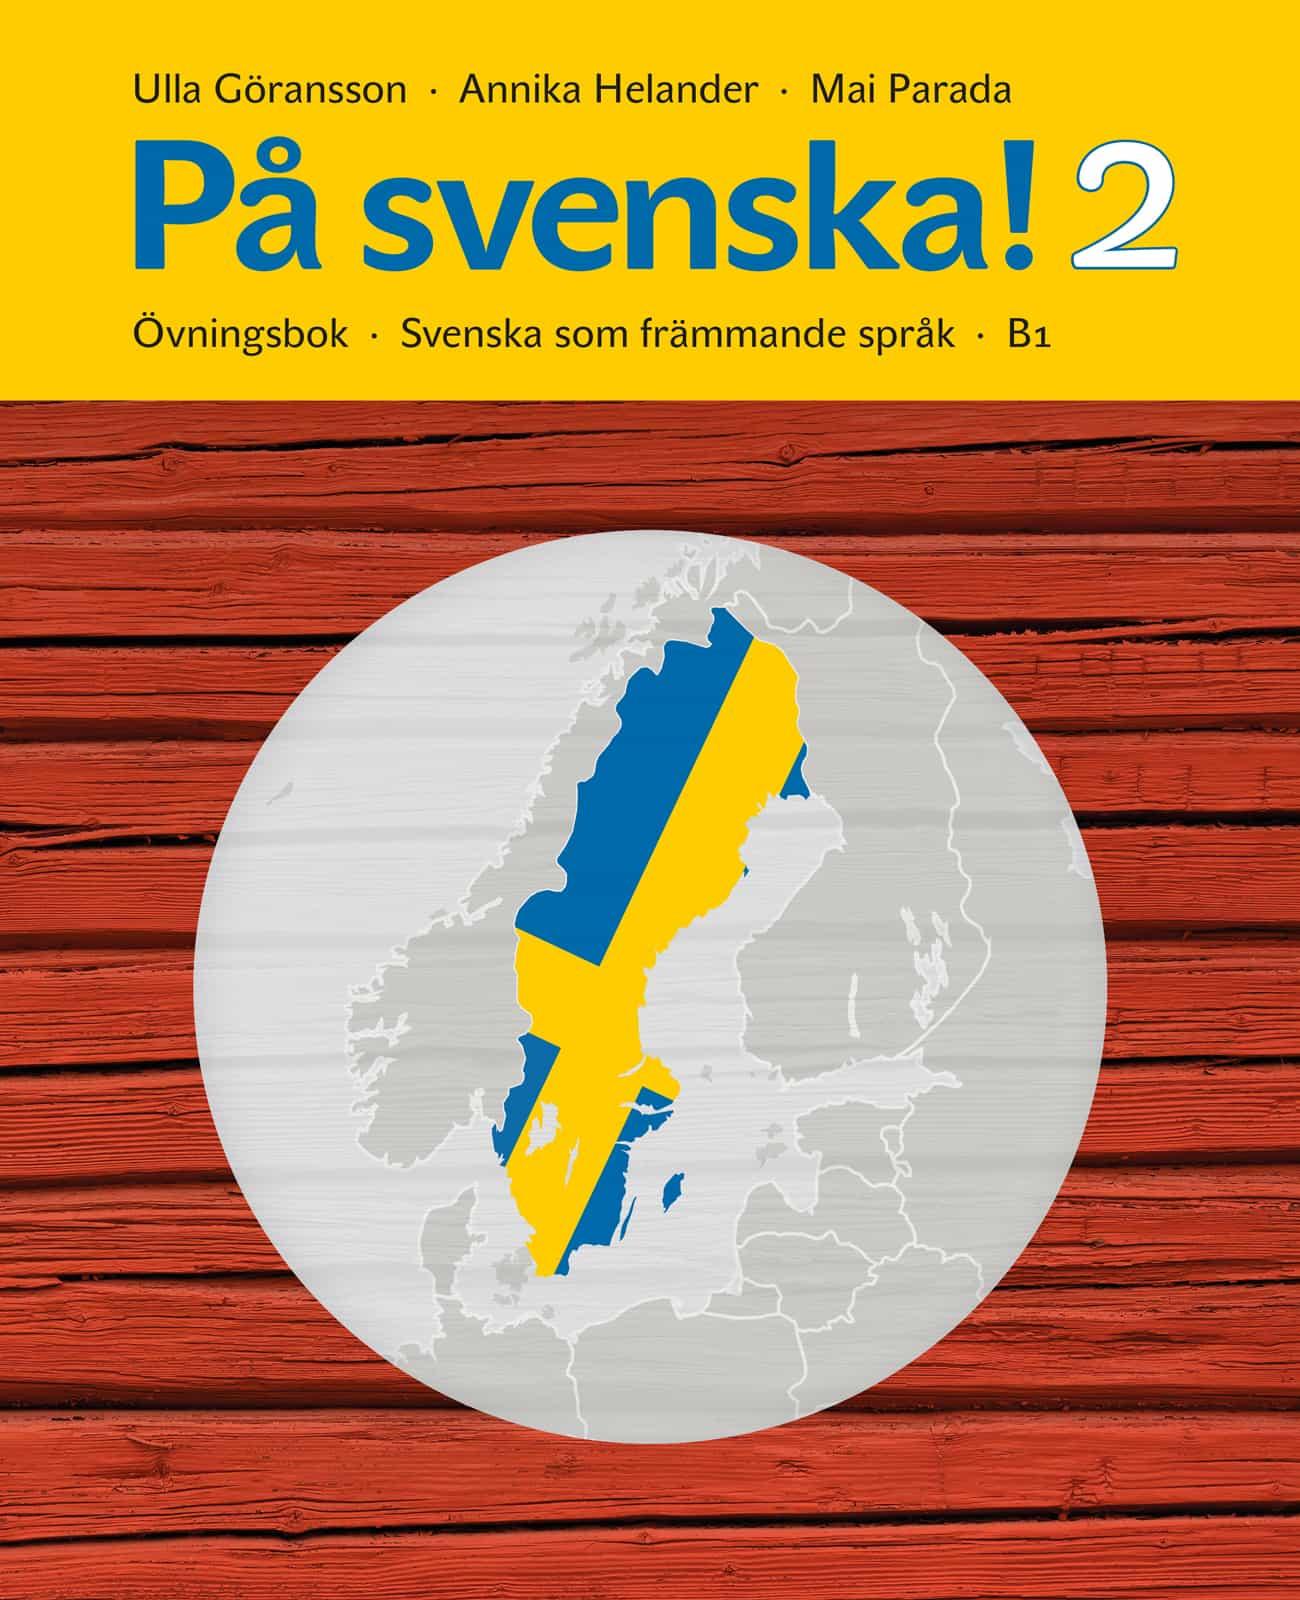 På svenska! 2 Övningsbok av Ulla Göransson